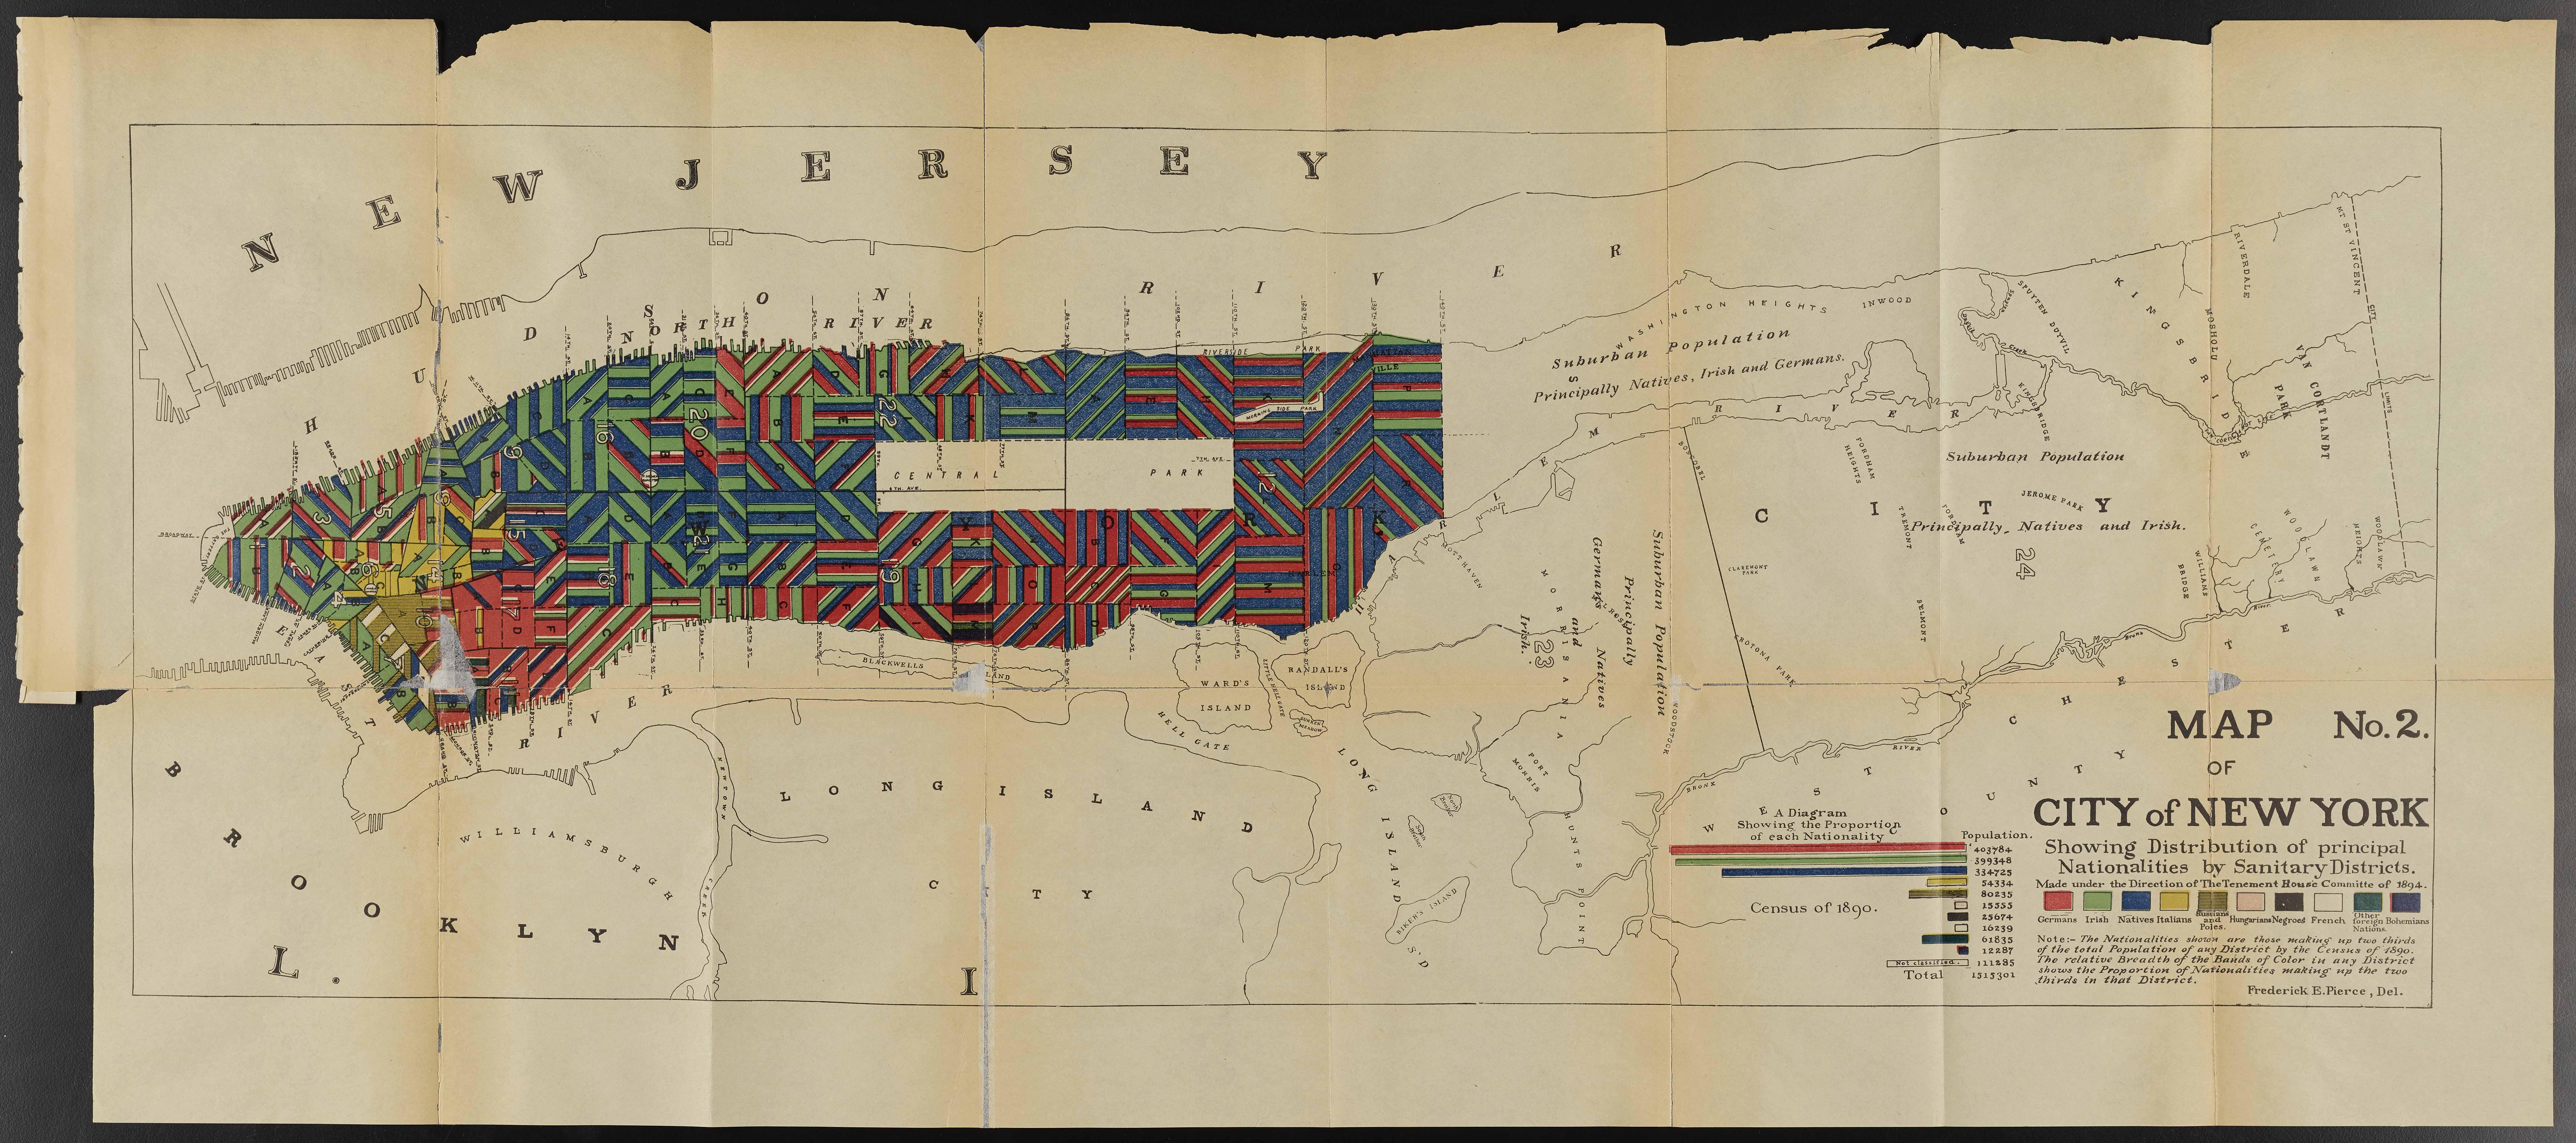 Carte de la ville de New York montrant la répartition des principales nationalités par districts sanitaires.